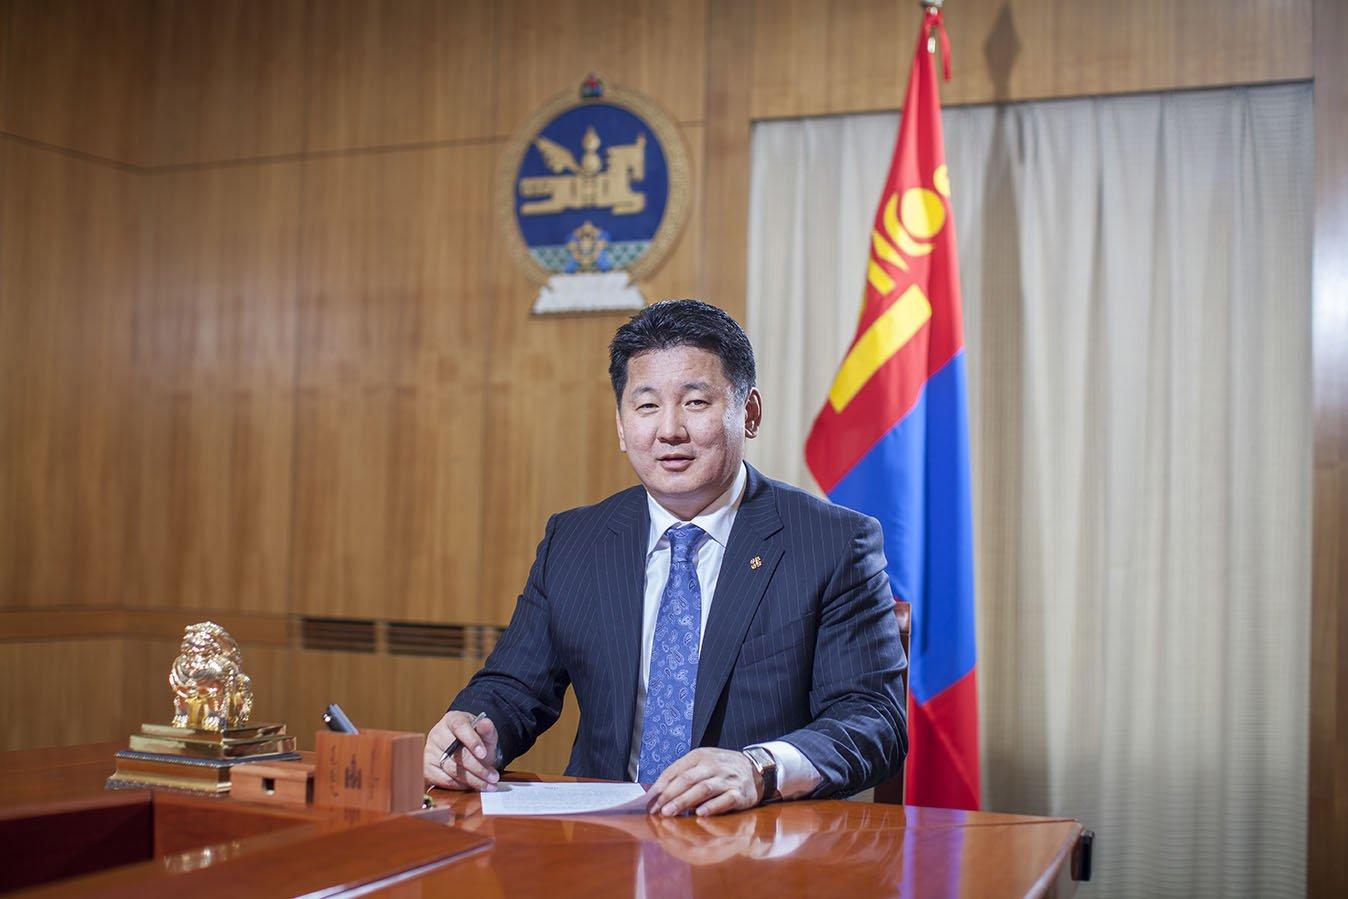 Монгол Улсын Ерөнхий сайдаар томилох санал оруулах тухай албан бичиг хүргүүлэв